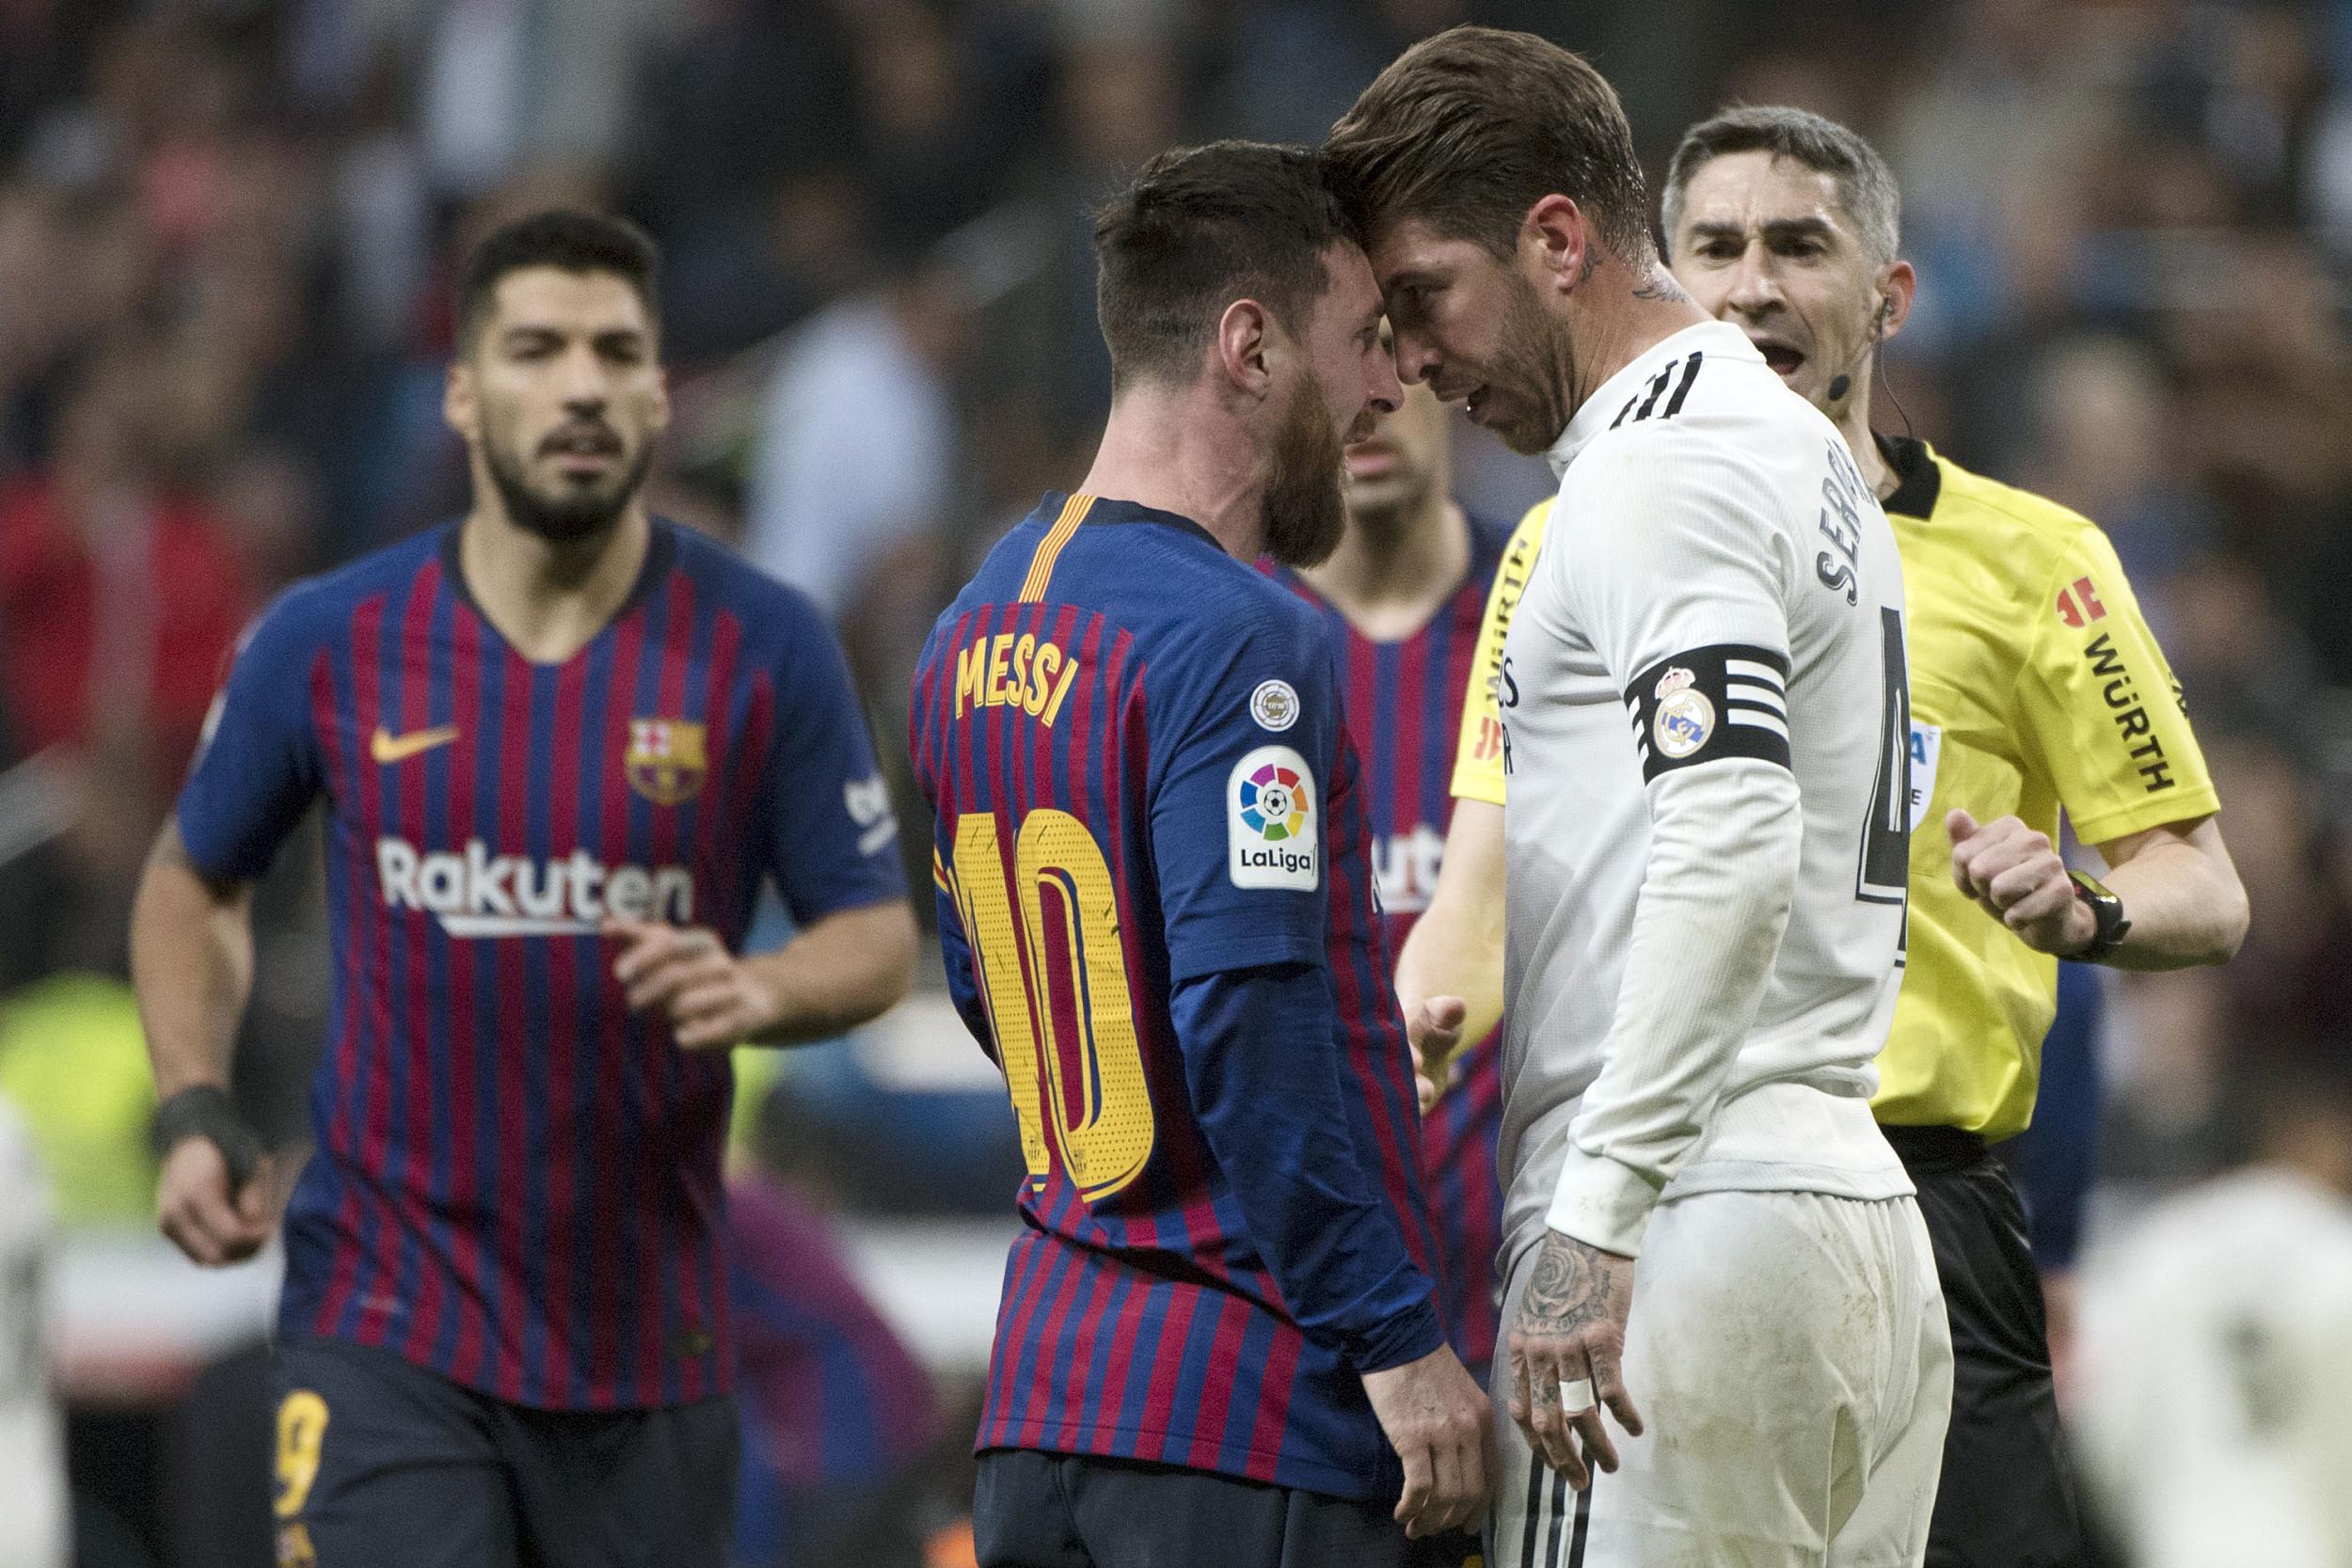 拉莫斯代表着马德里的强硬。